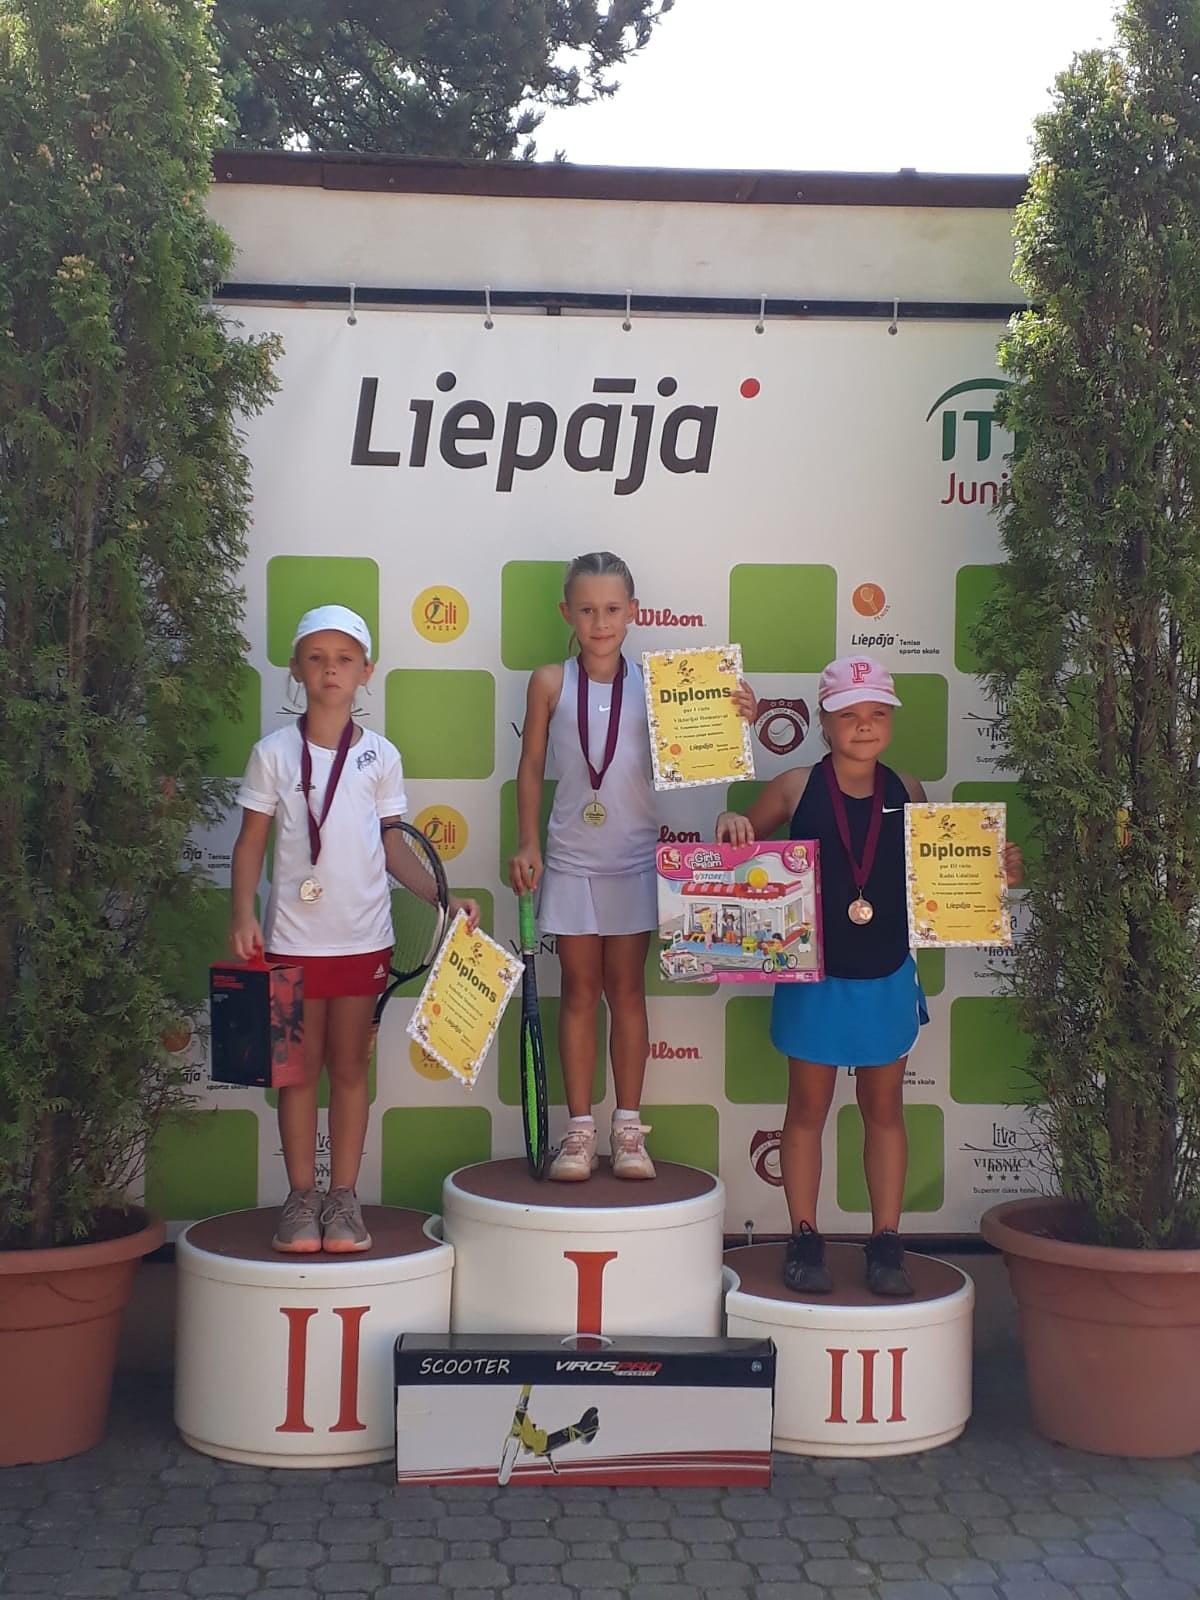 Jaunajiem tenisistiem vairākas godalgotas vietas